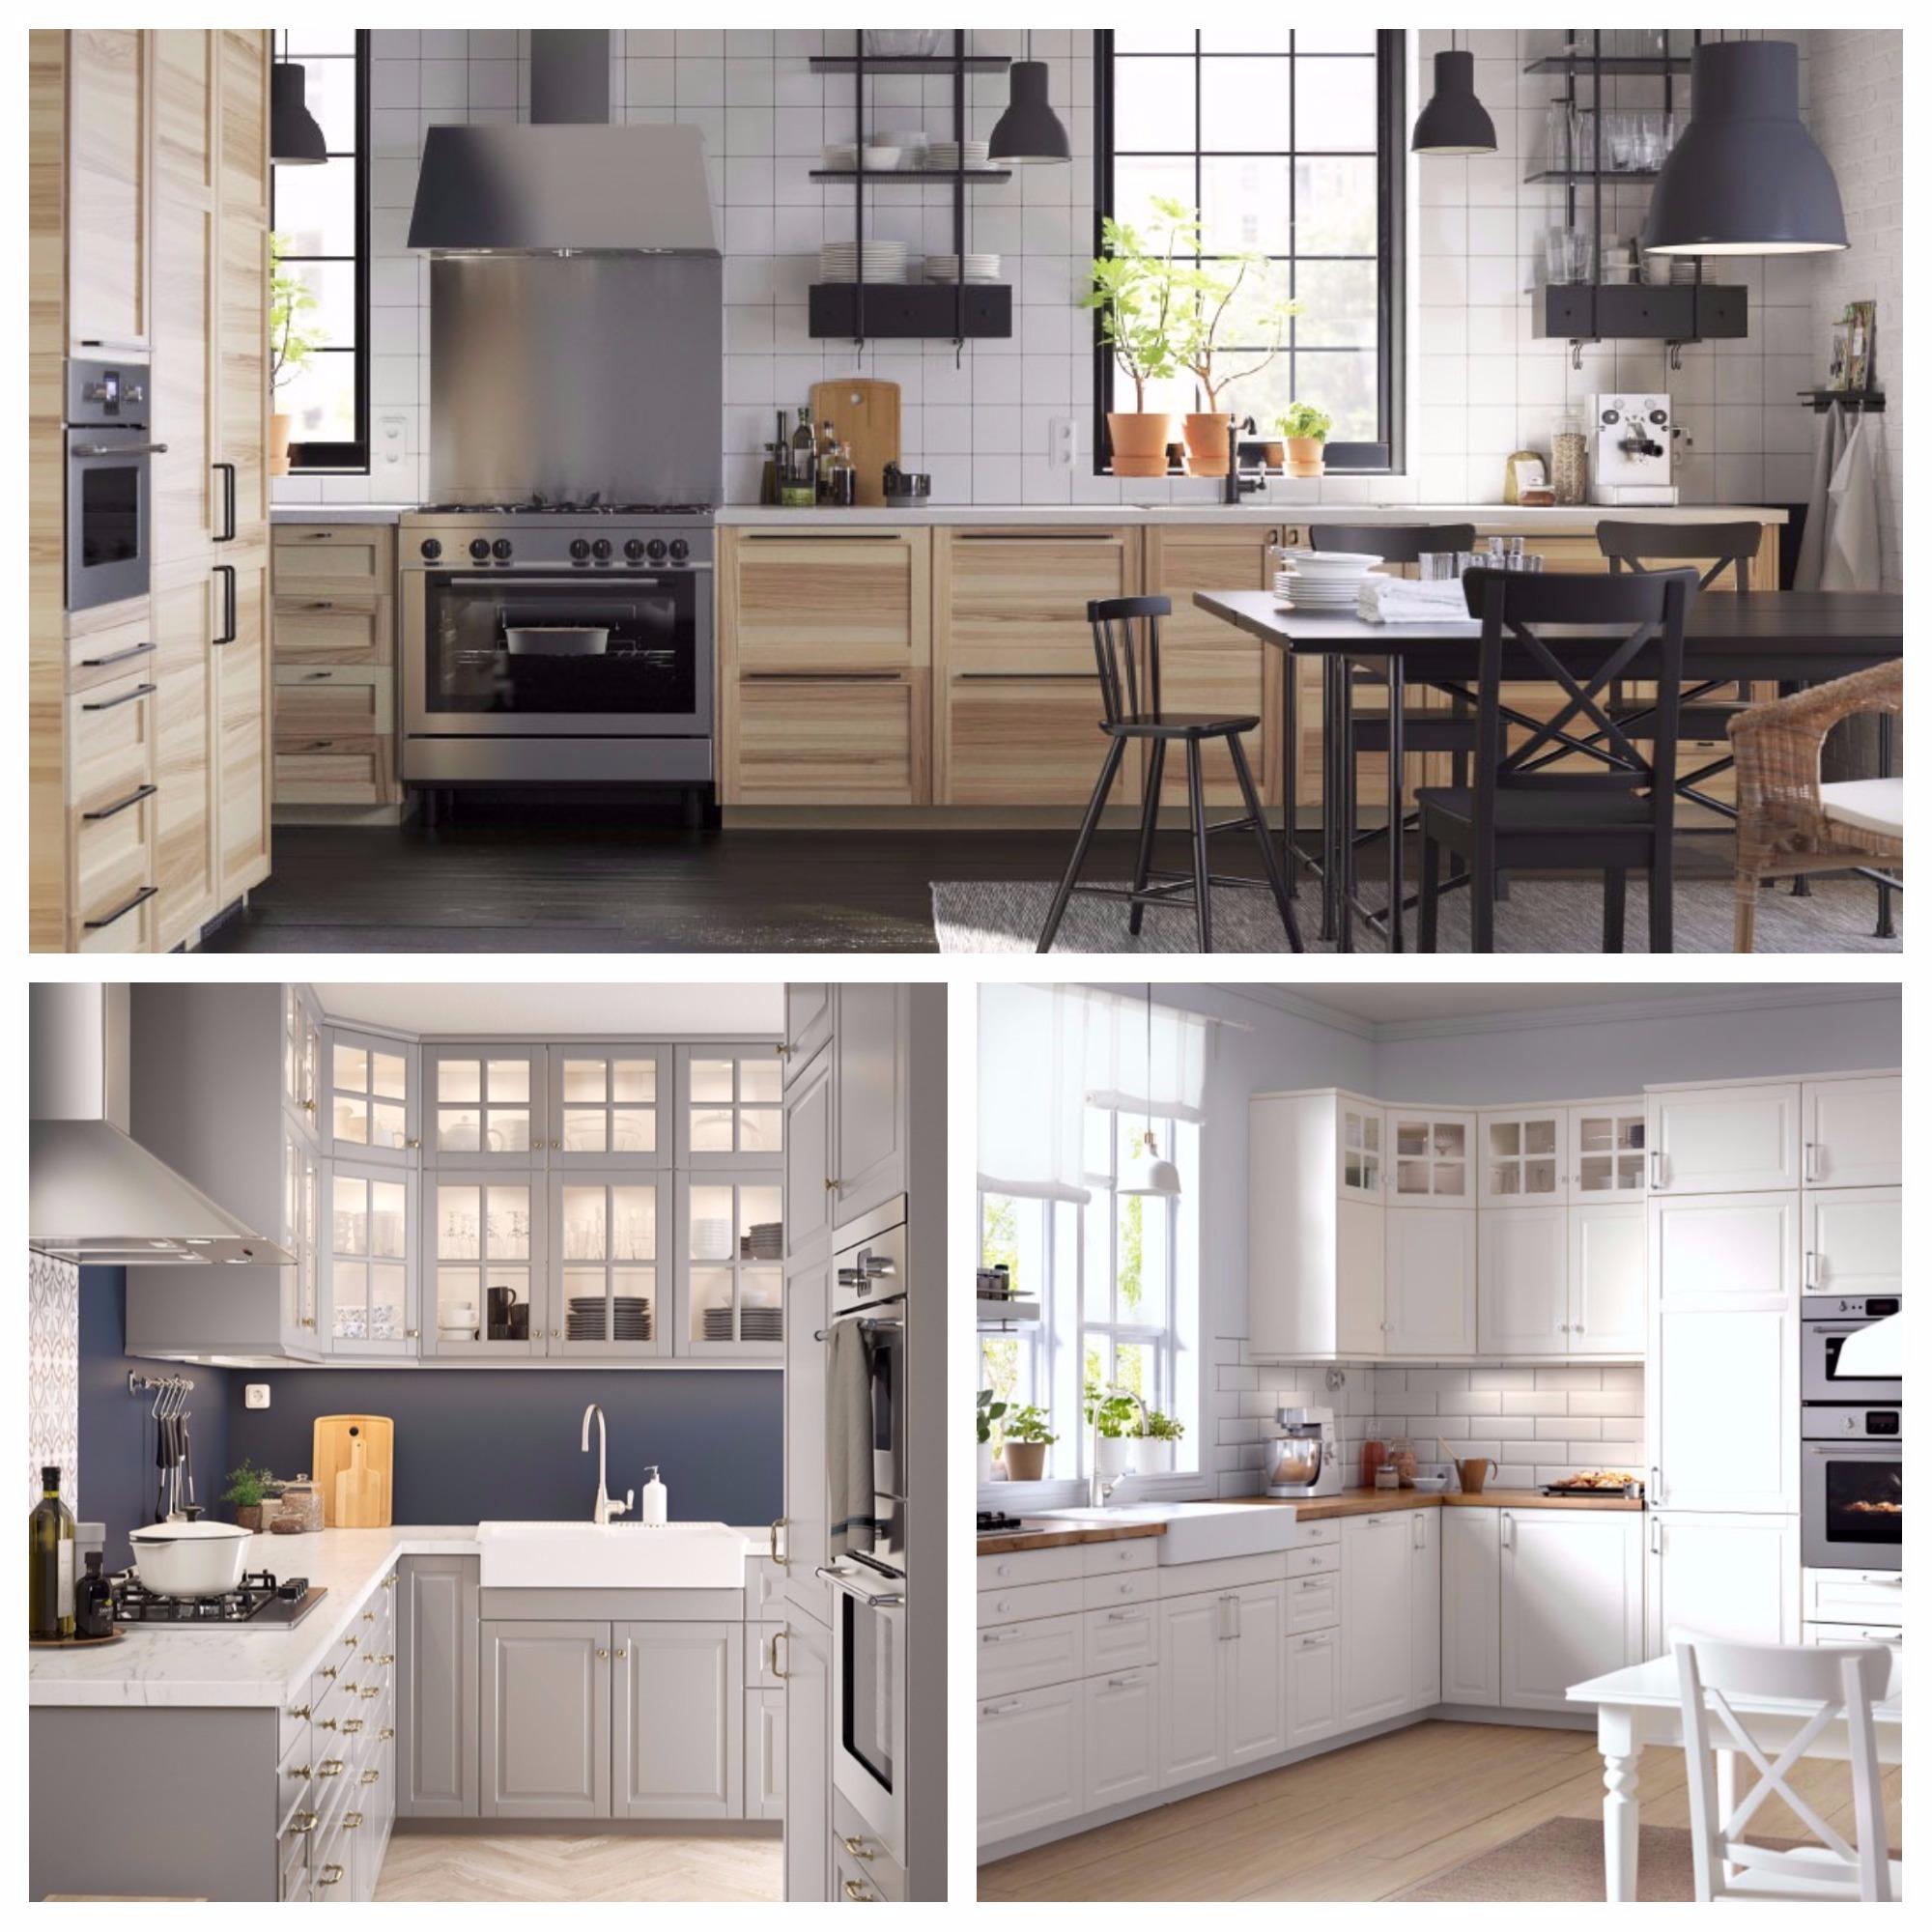 Claves e inspiraciones para diseñar mi nueva cocina IKEA ...